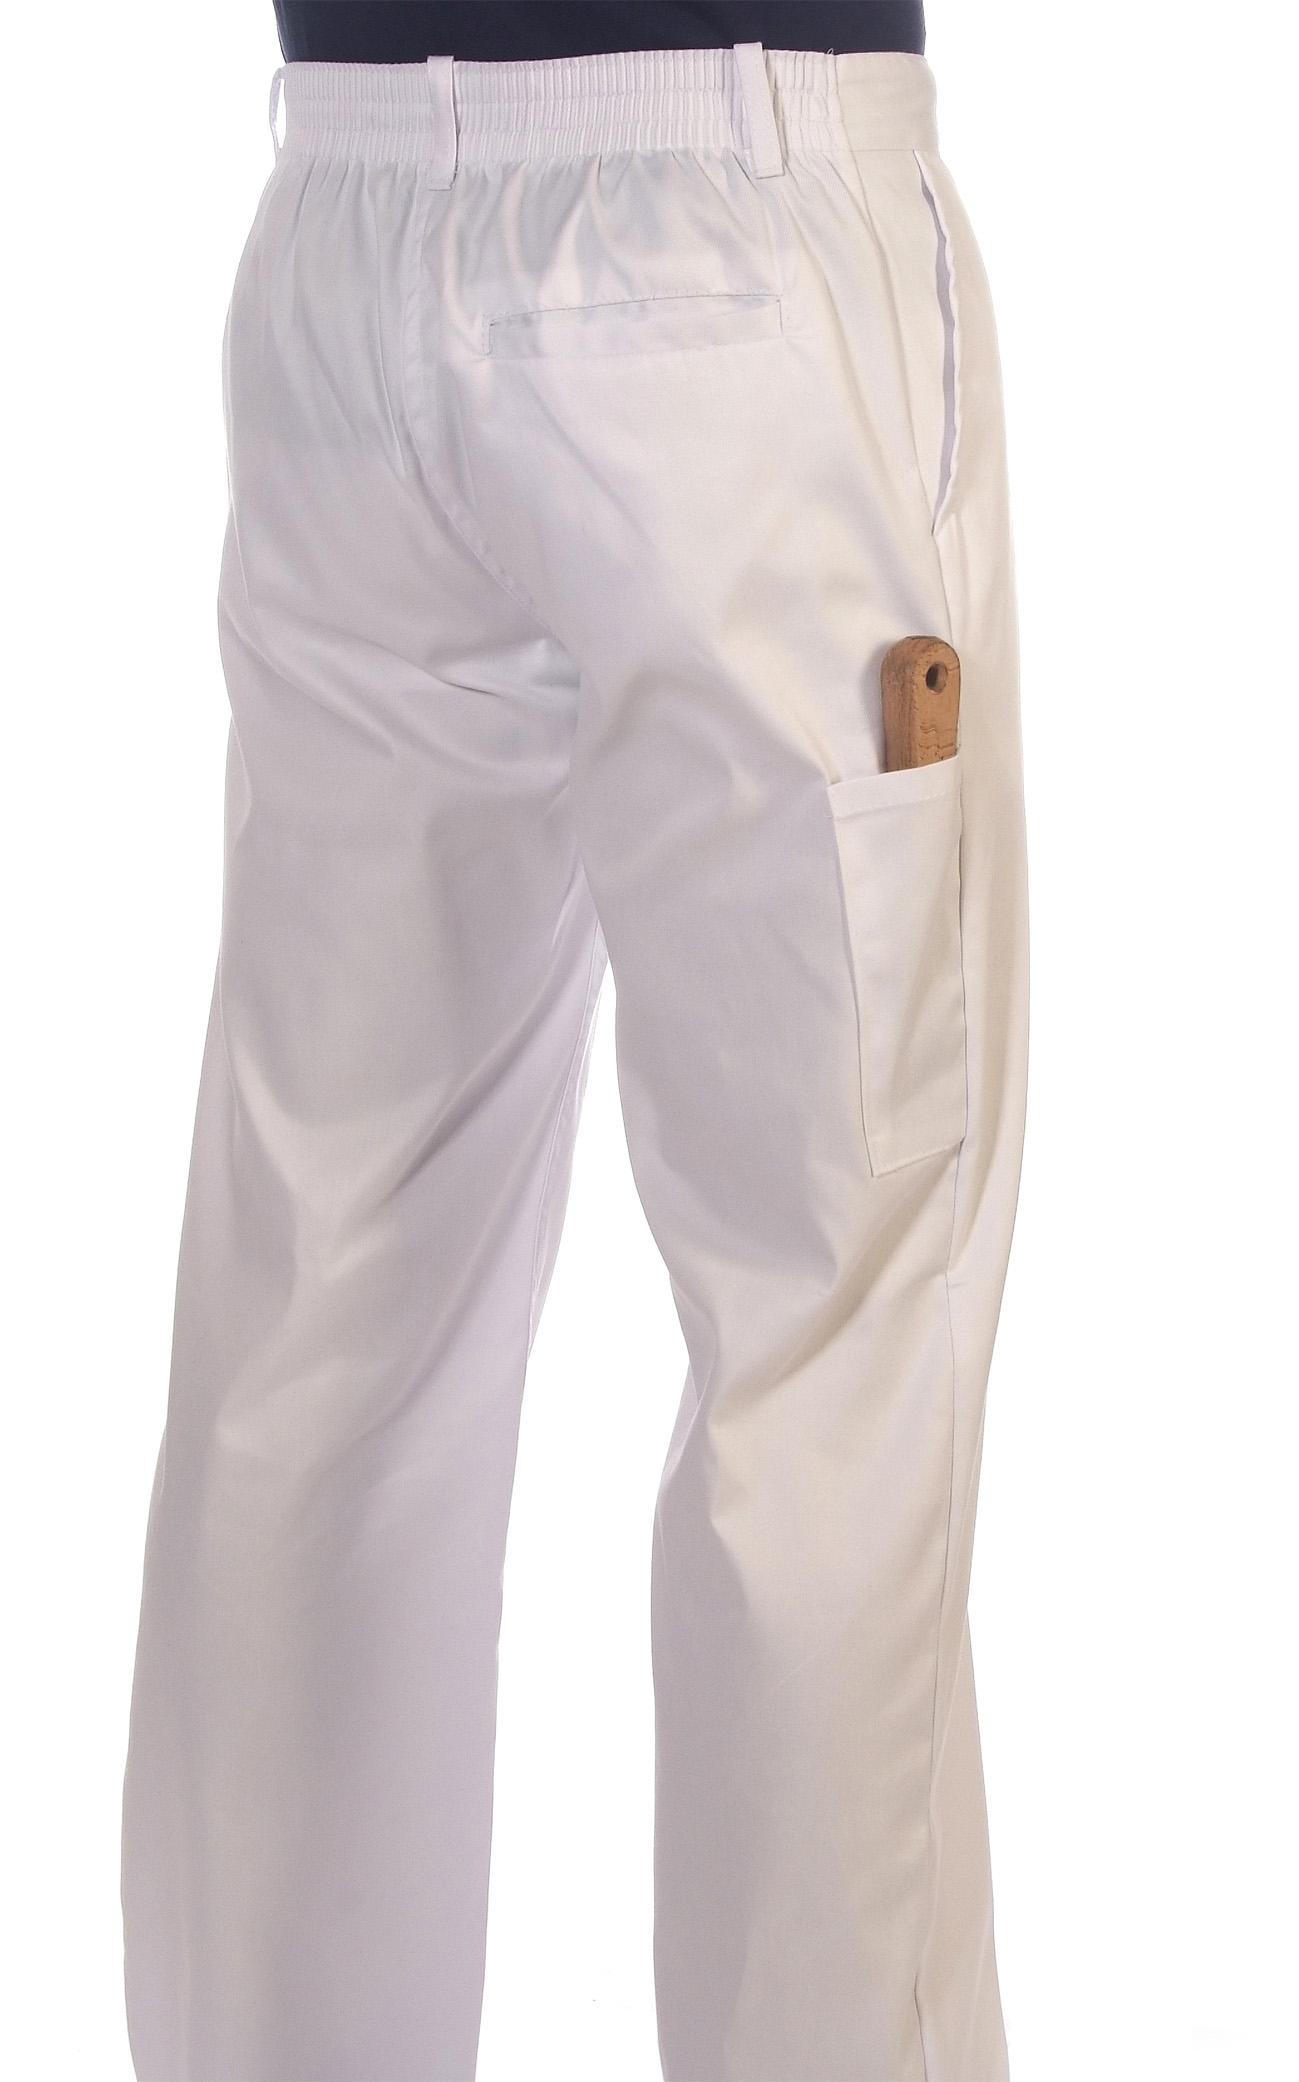 Pantalón con goma Image